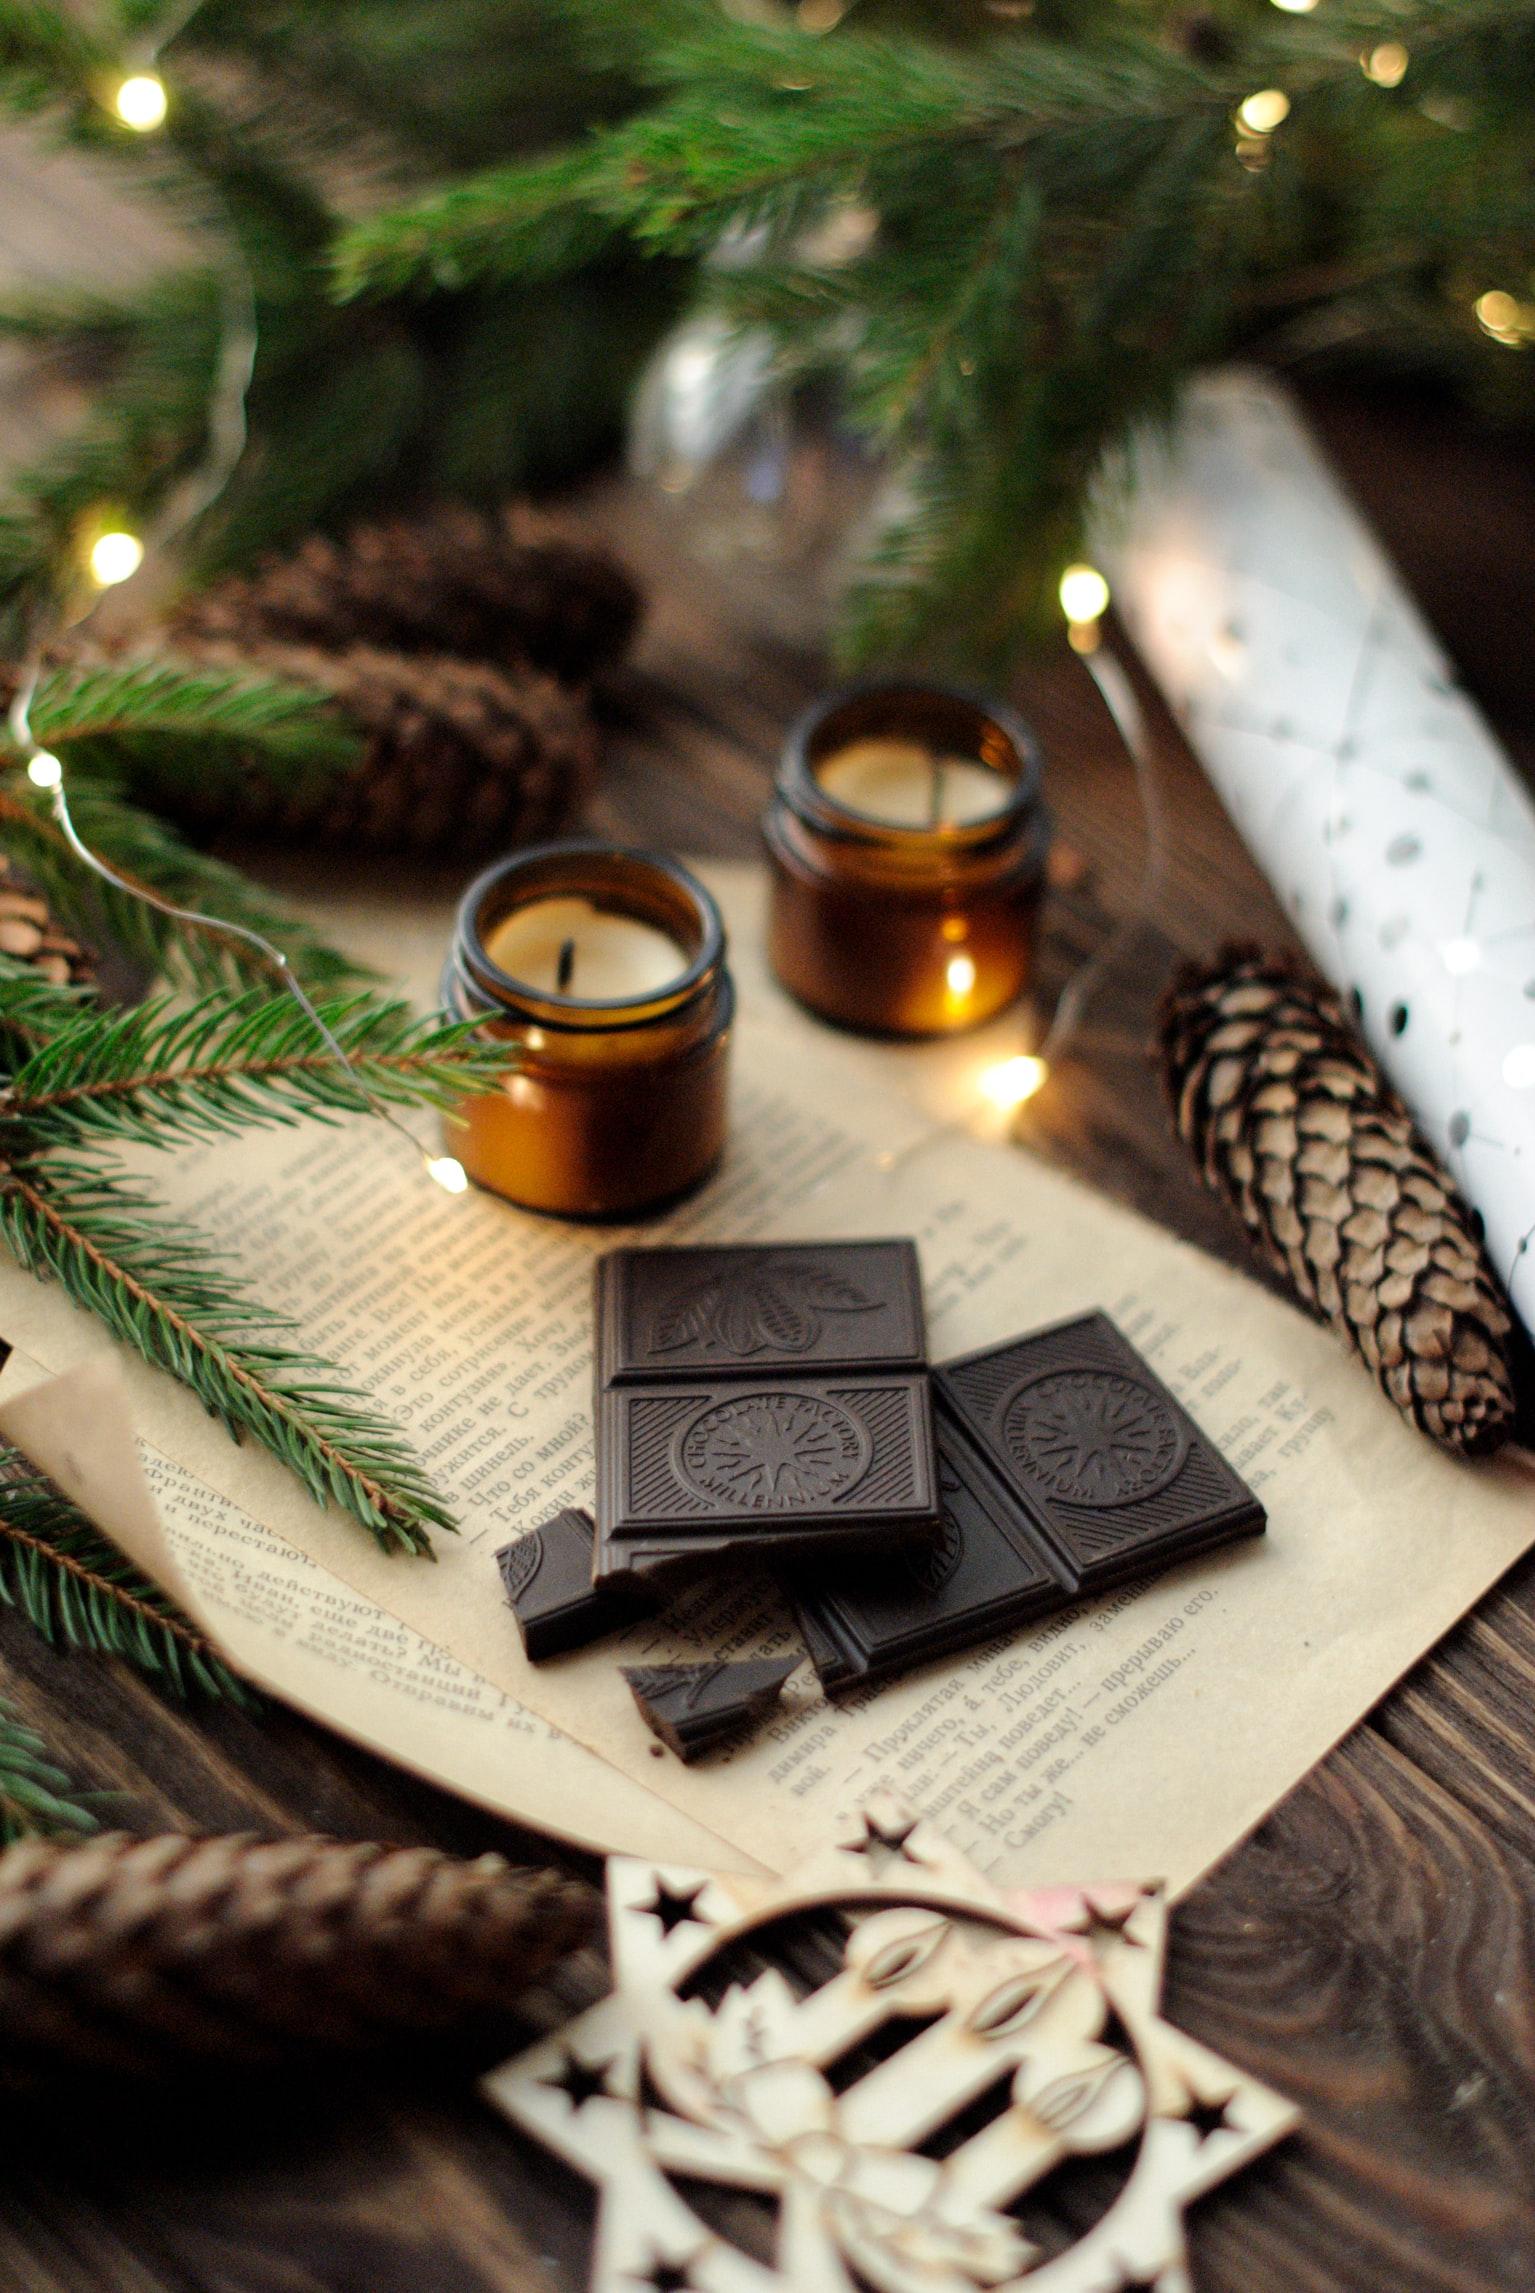 Branche de sapin verte et lumières lumineuses, chocolat noir, bougies souhaiter un joyeux noel, la magie des fêtes avec une belle carte